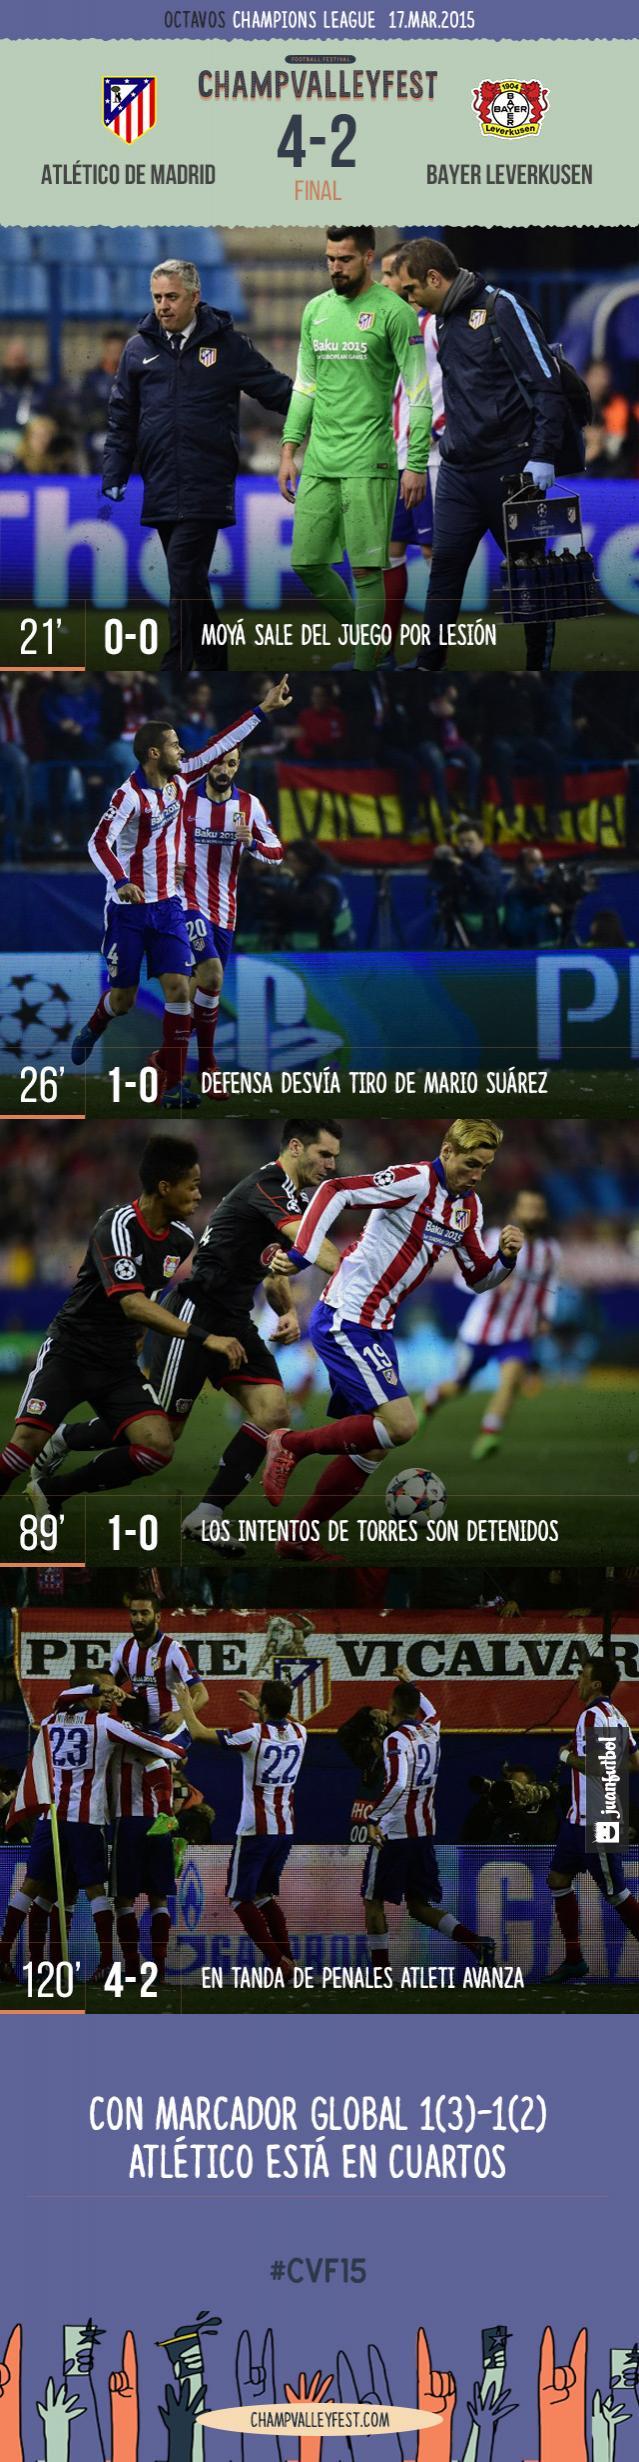 Atlético de Madrid derrota en penales a Bayer Leverkusen para calsificarse a cuartos de Champions